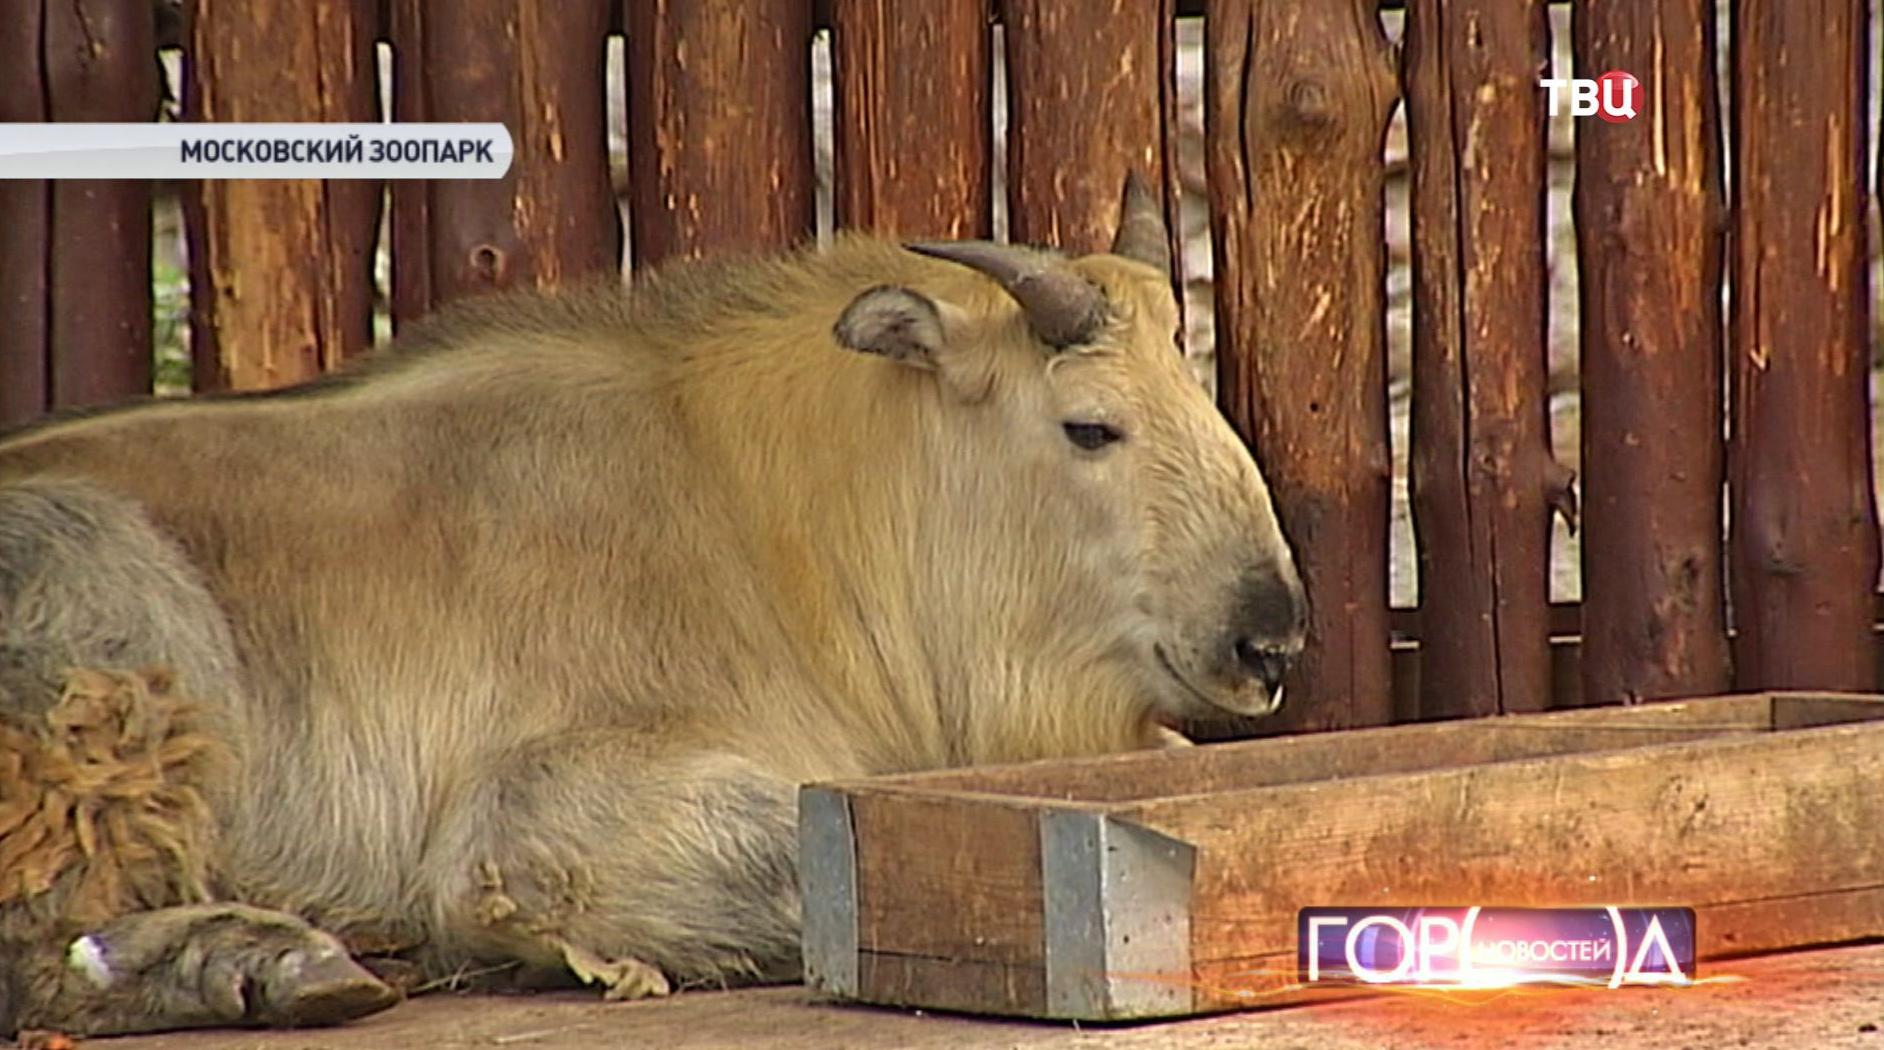 Детеныш такина в Московском зоопарке